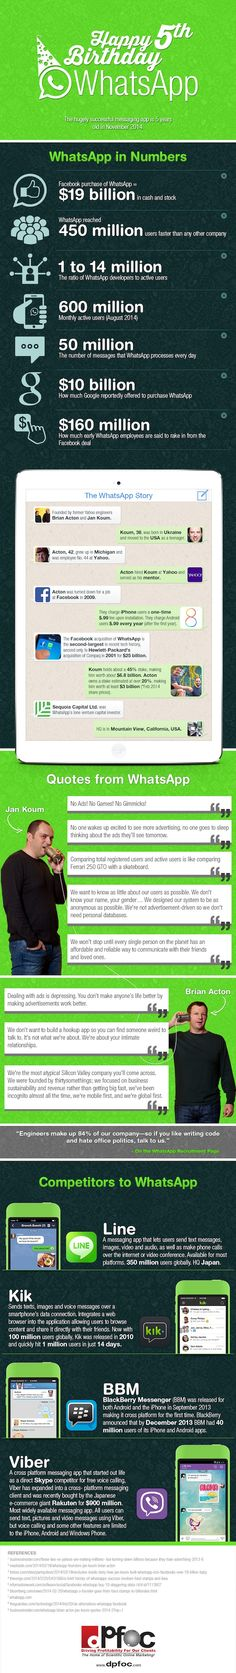 WhatsApp vijf jaar oud (infographic)